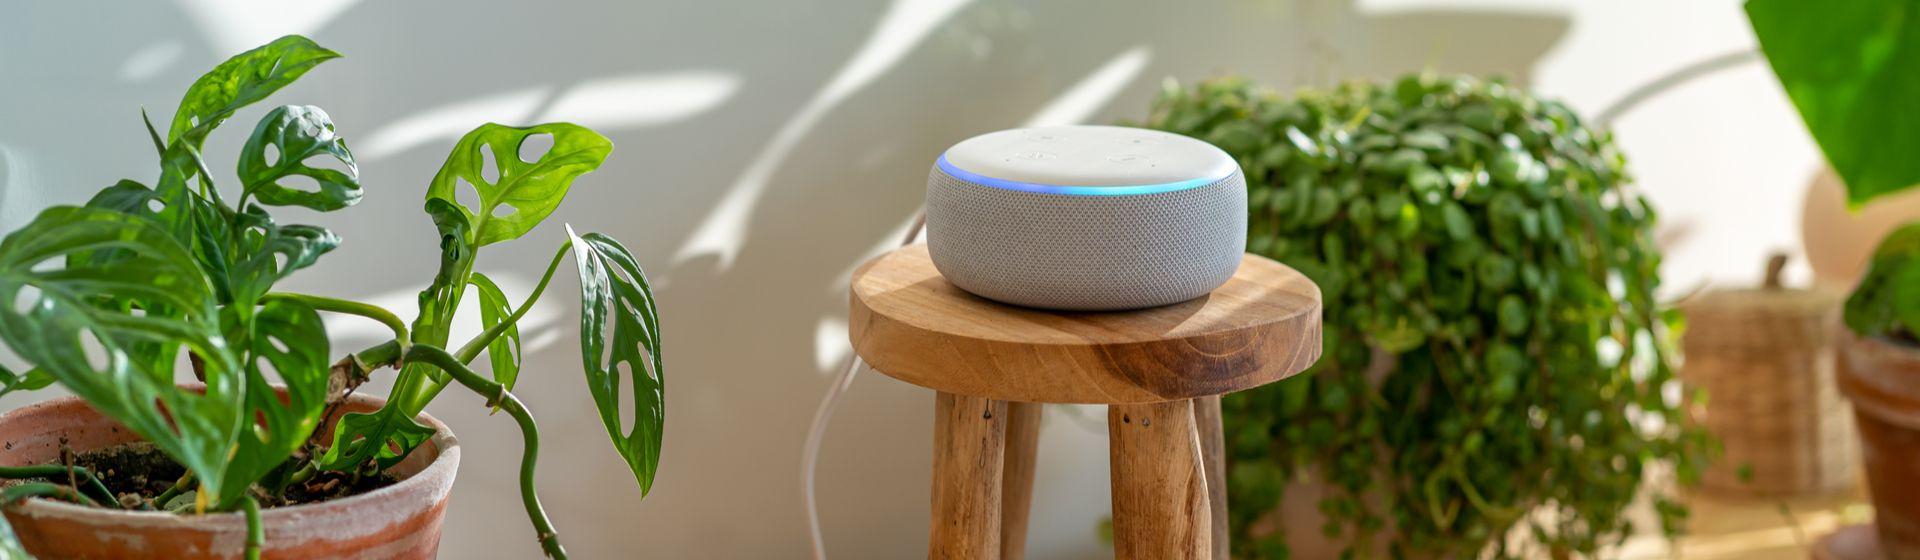 Melhores skills da Alexa: 7 funções da assistente virtual